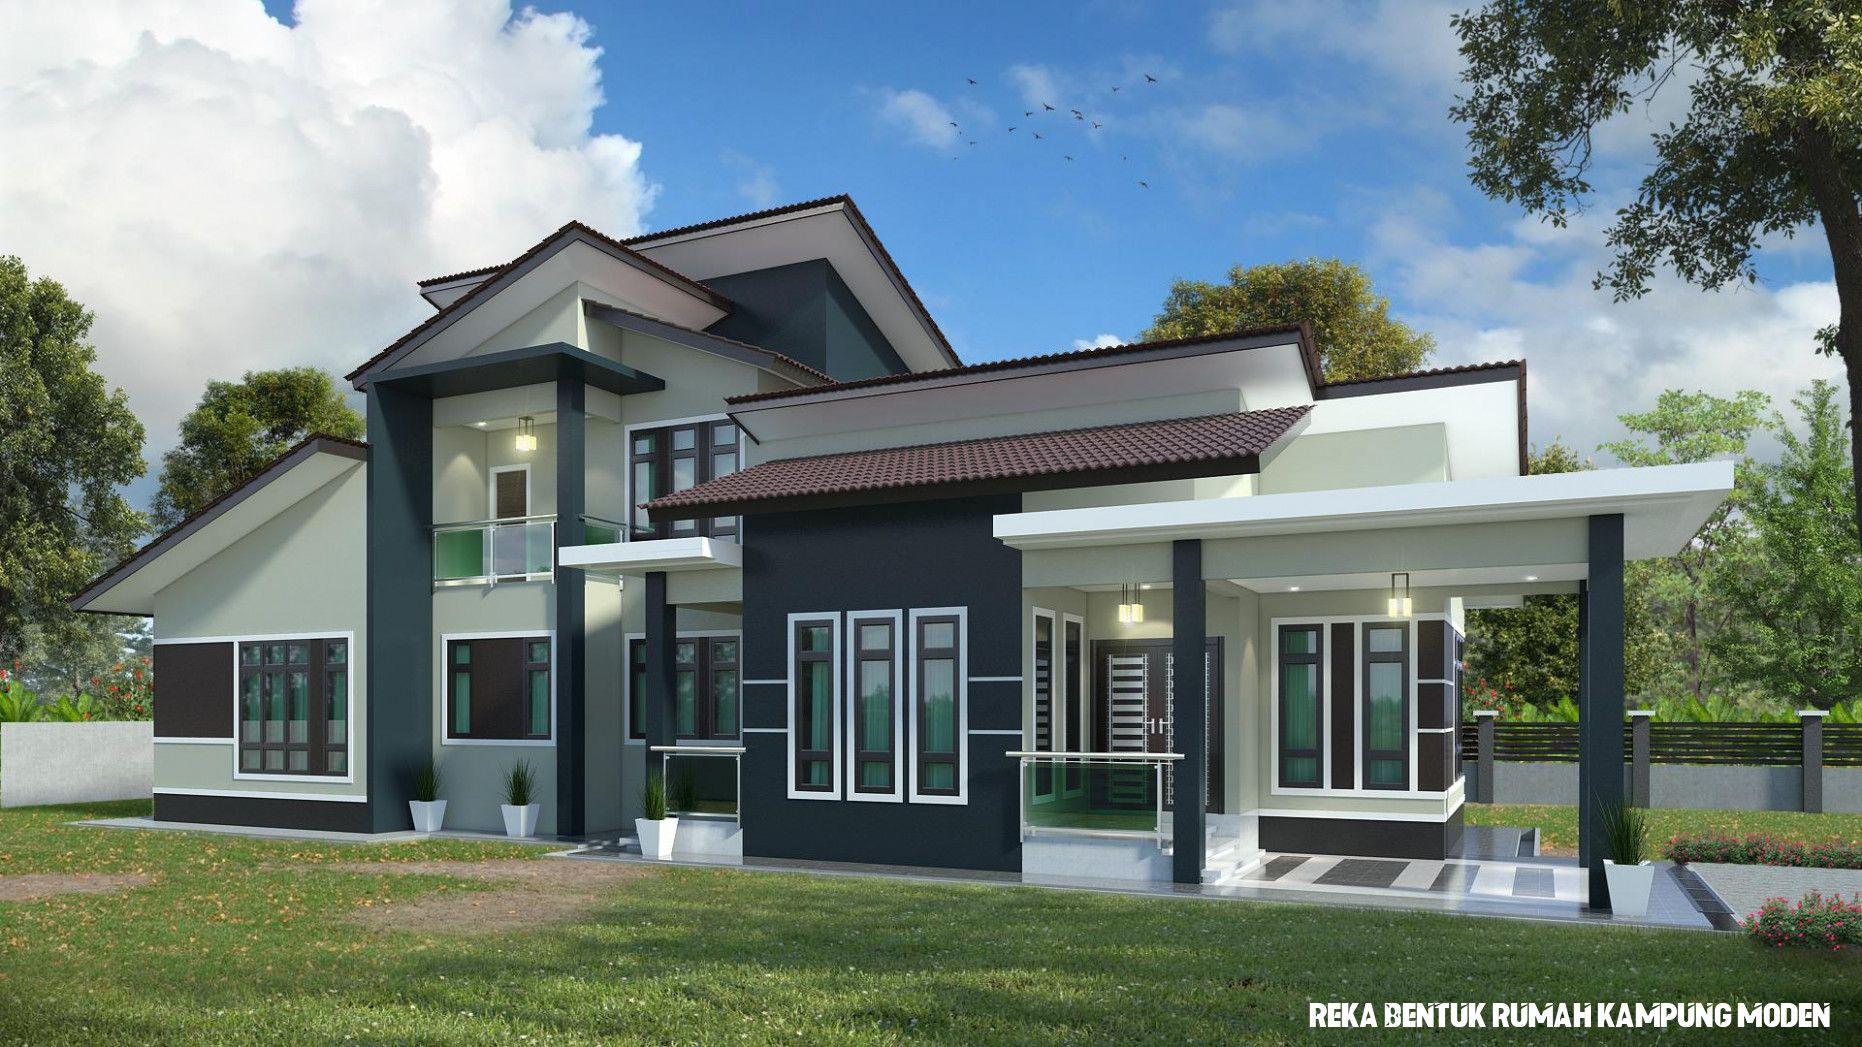 Koleksi Inspirasi Dari Reka Bentuk Rumah Kampung Moden Di 2020 Home Fashion Rumah Desain